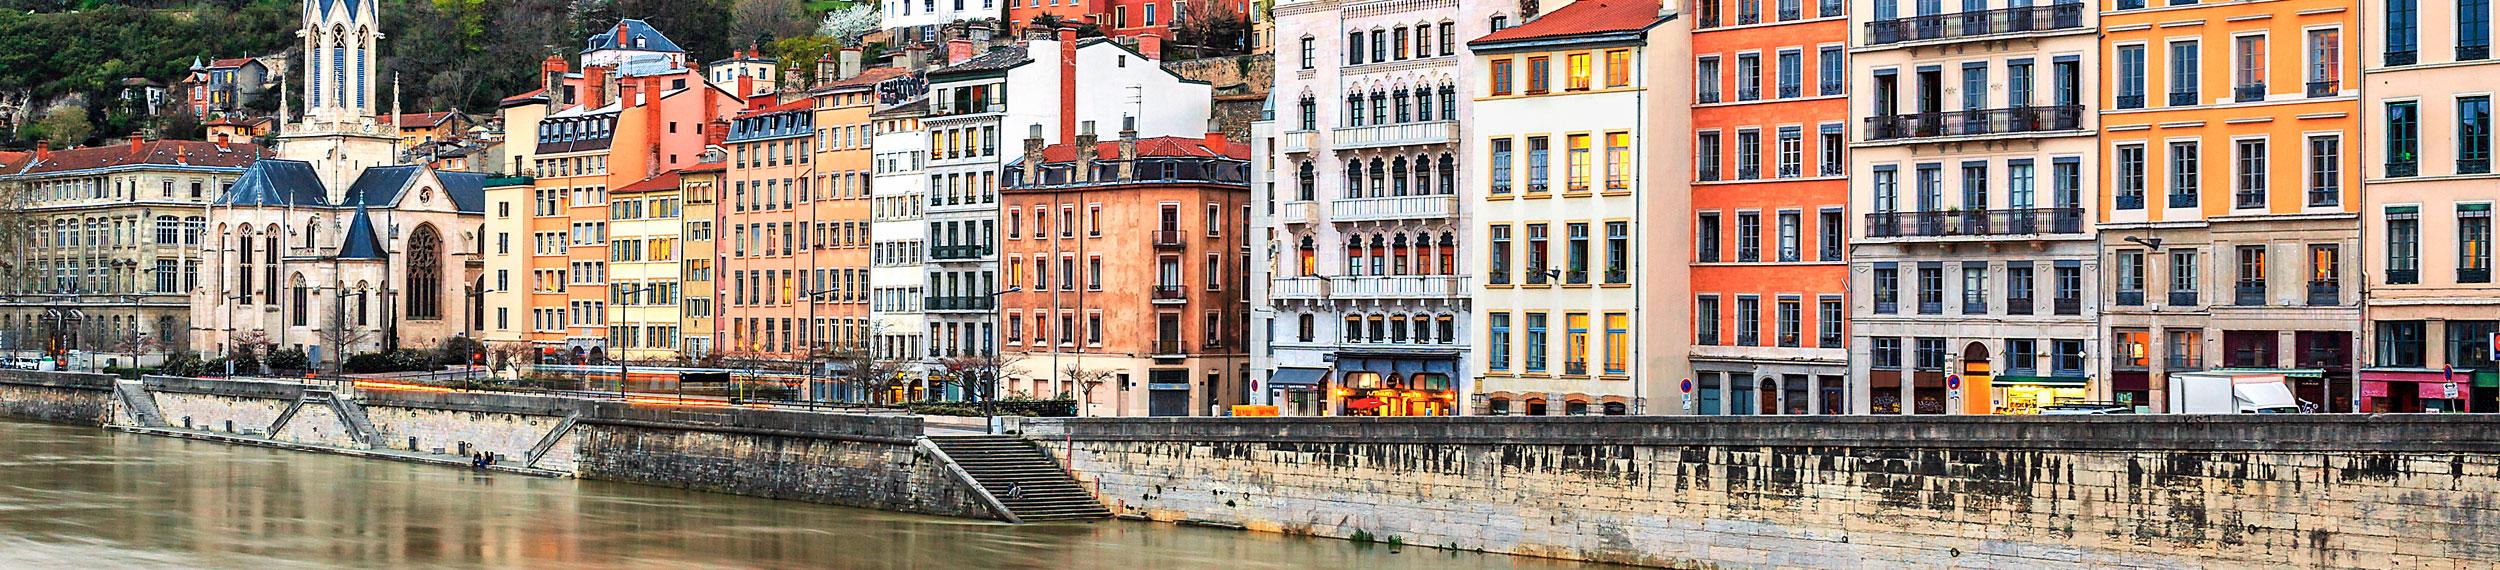 Univ. of Lyon Header